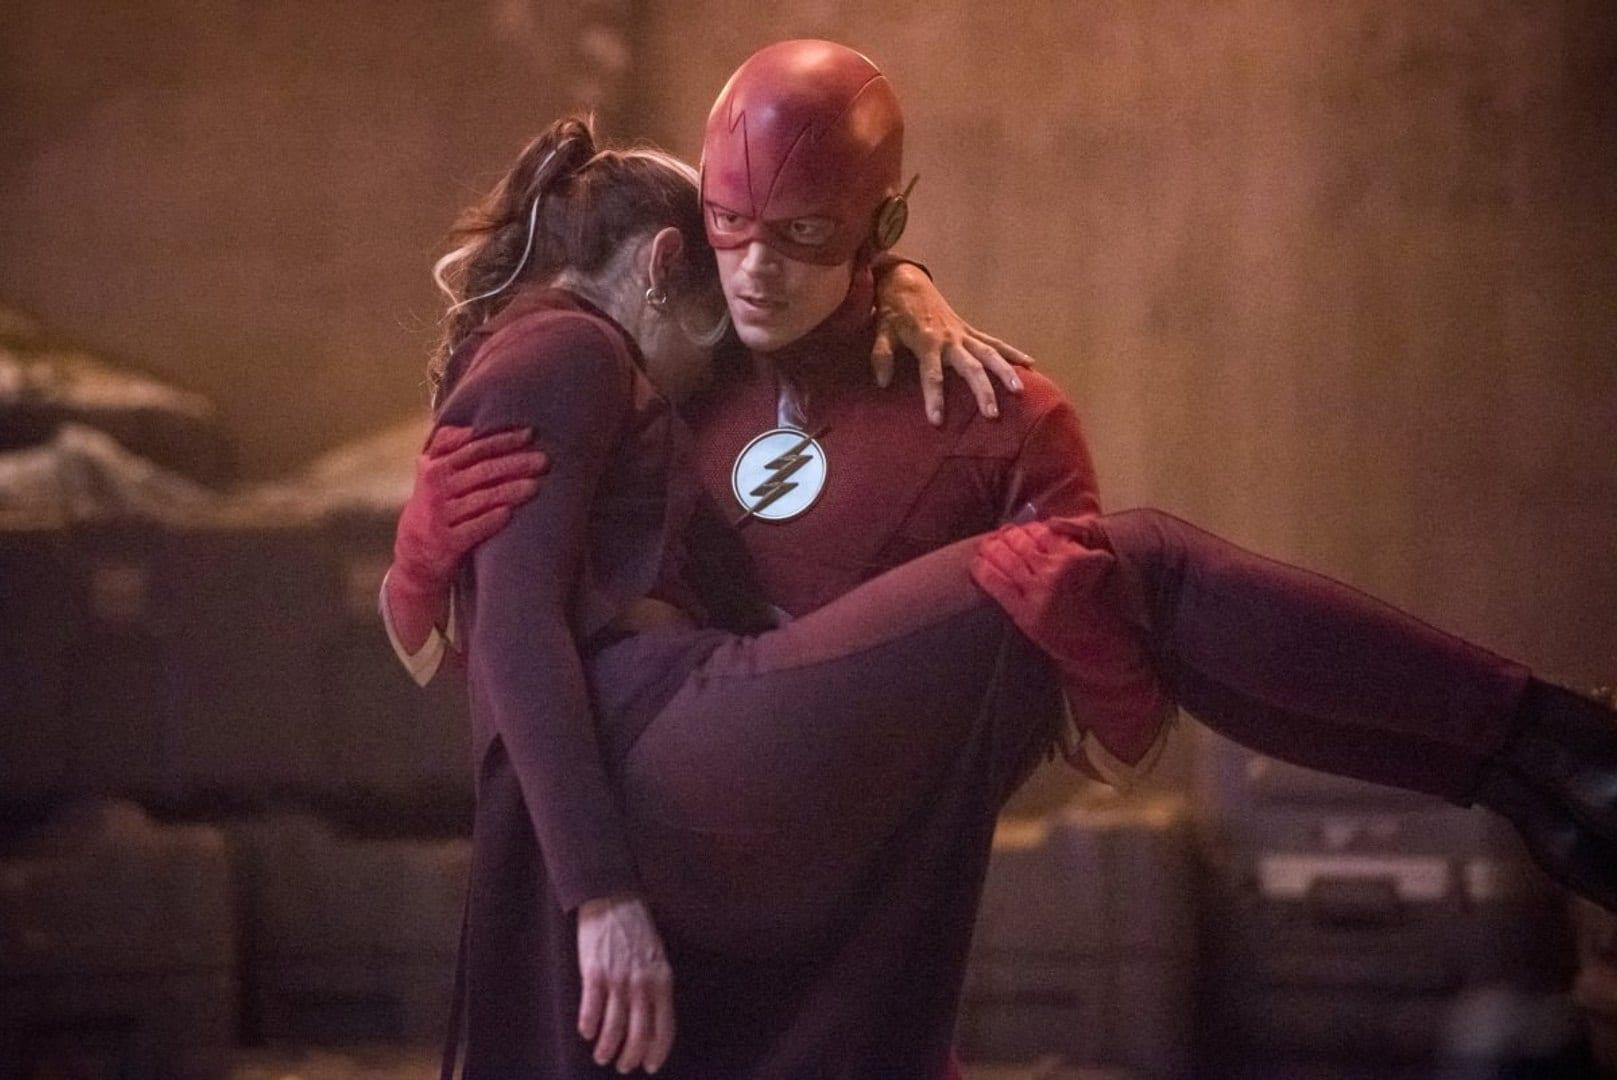 When Will The Flash Season 6 Premiere?